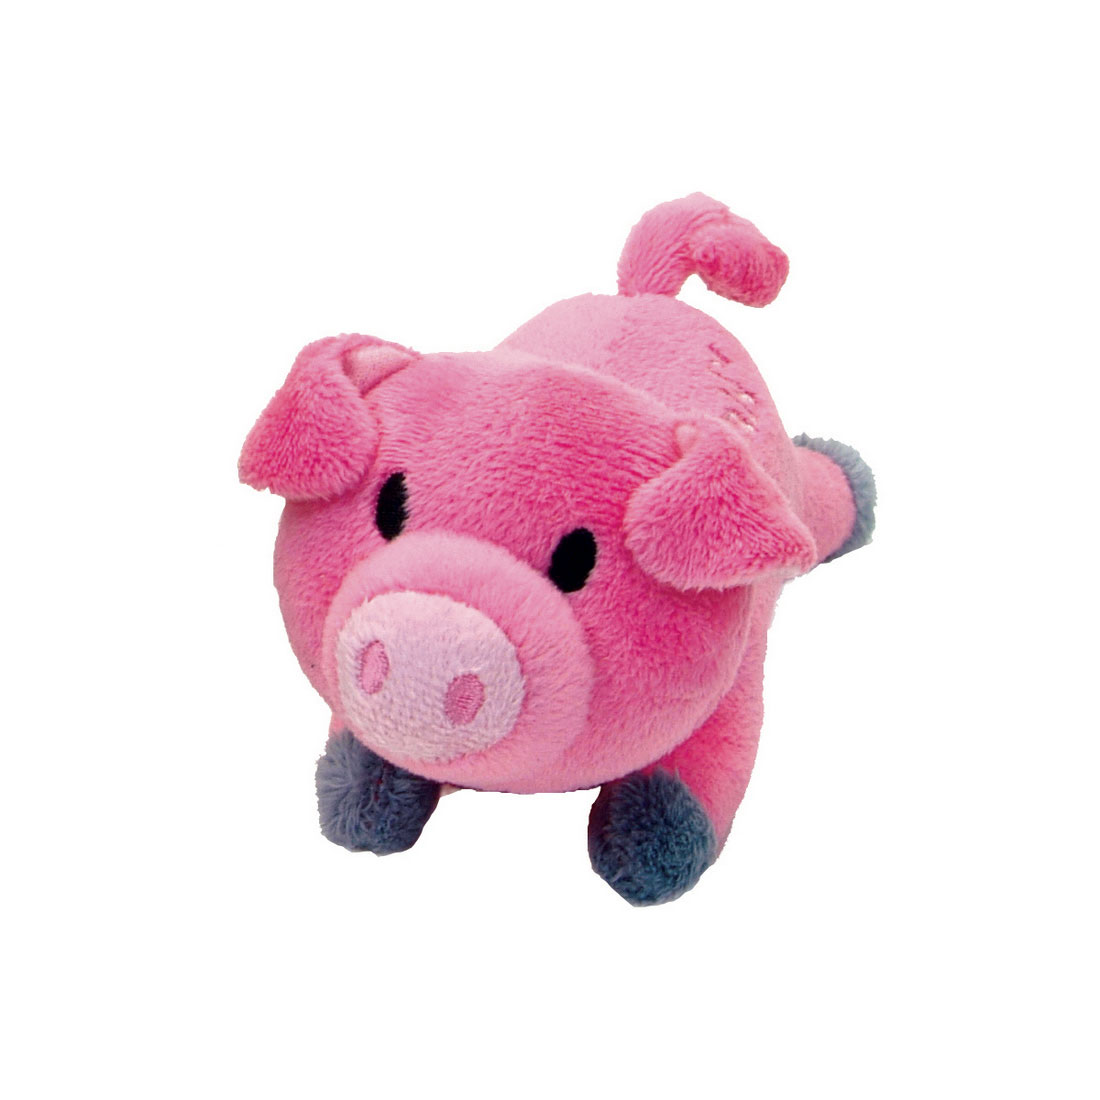 Coastal Pet Li'l Pals Pig Plush Dog Toy, 4.5-in